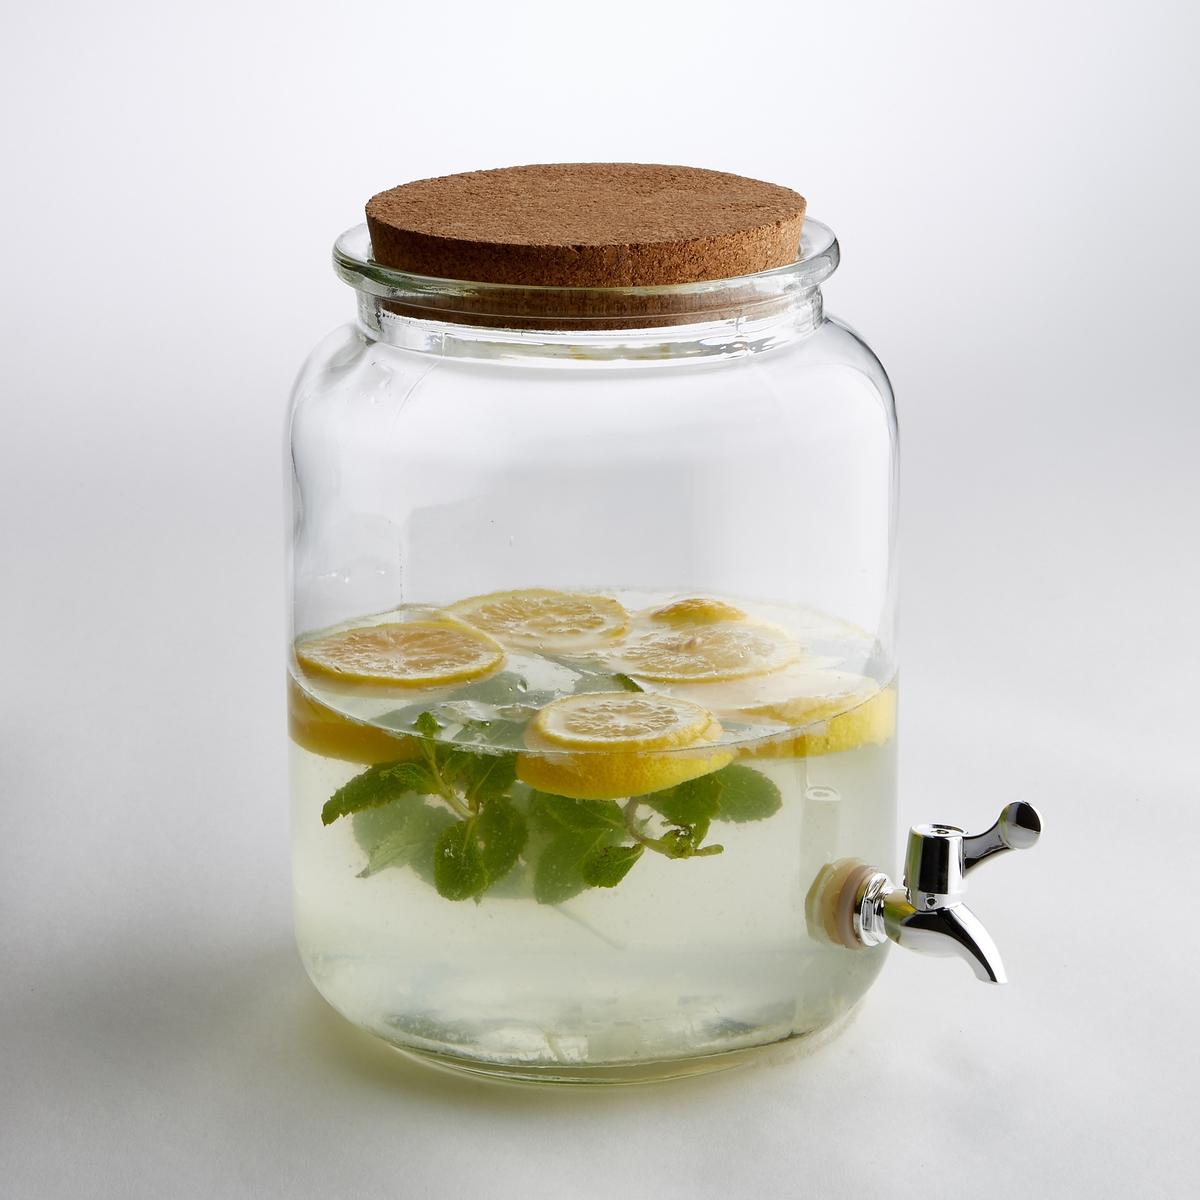 Сосуд для напитков из прозрачного стекла, размер SКлассическая форма, съемный кран, закрывается крышкой из пробки, этот стеклянный сосуд отлично подходит для содержания и разливания различных соков и напитков. Характеристики сосуда из прозрачного стекла, размер S :Объем 850 сл.Размеры сосуда из прозрачного стекла, размер S :Диаметр. 22 x высота 30 см Другие сосуды и предметы декора стола вы можете найти на сайте laredoute.ru<br><br>Цвет: белый прозрачный<br>Размер: единый размер